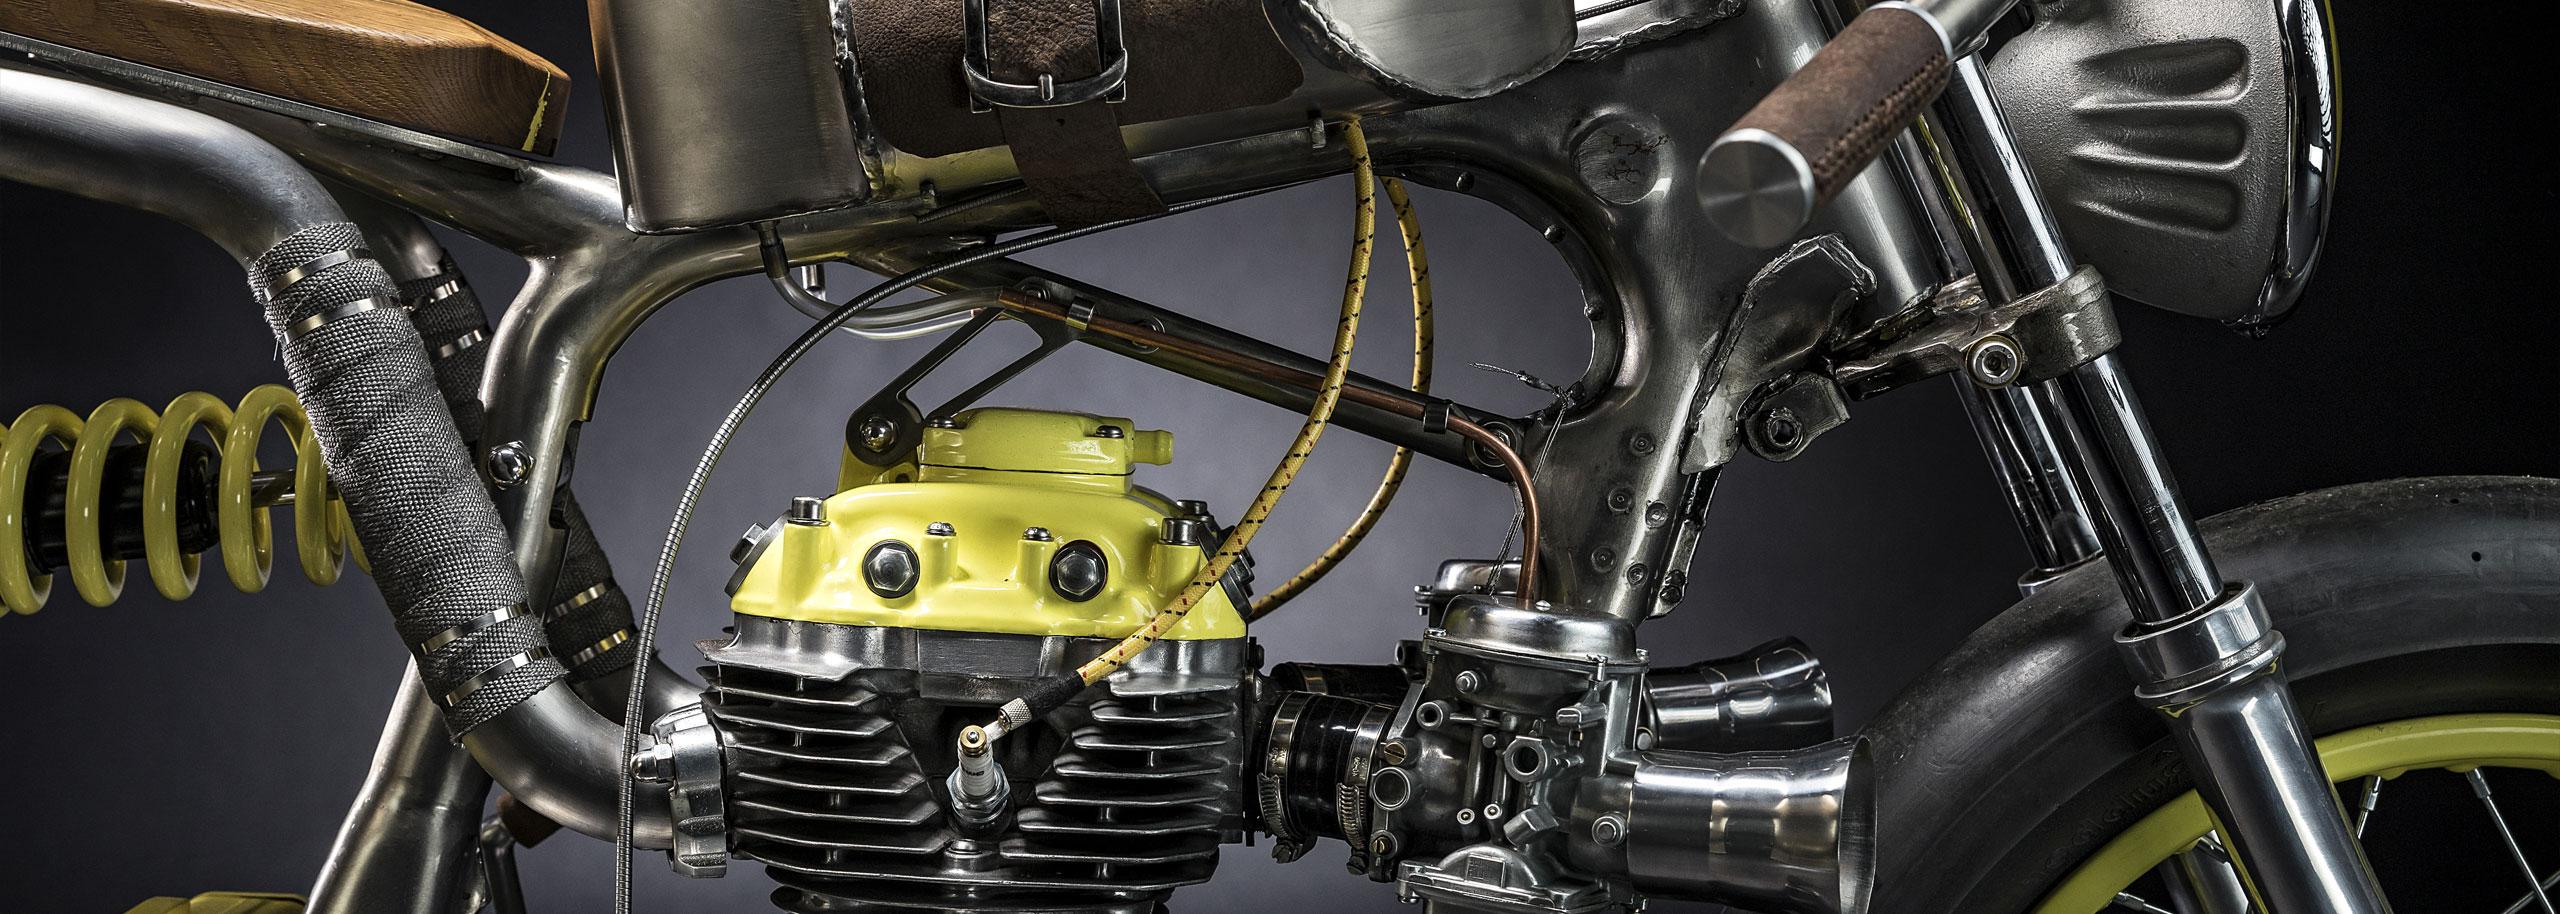 Titan-One_Alte-Maschinen-Custom-Cafe-Racer-Graz-Reduktion-Design-Zulassung-Typisiert-TÜV_Bike-Styira-Oldtimer-Konzept-Honda-Umbau_staatsmeister-Viertelmeile-Rennen-Winner